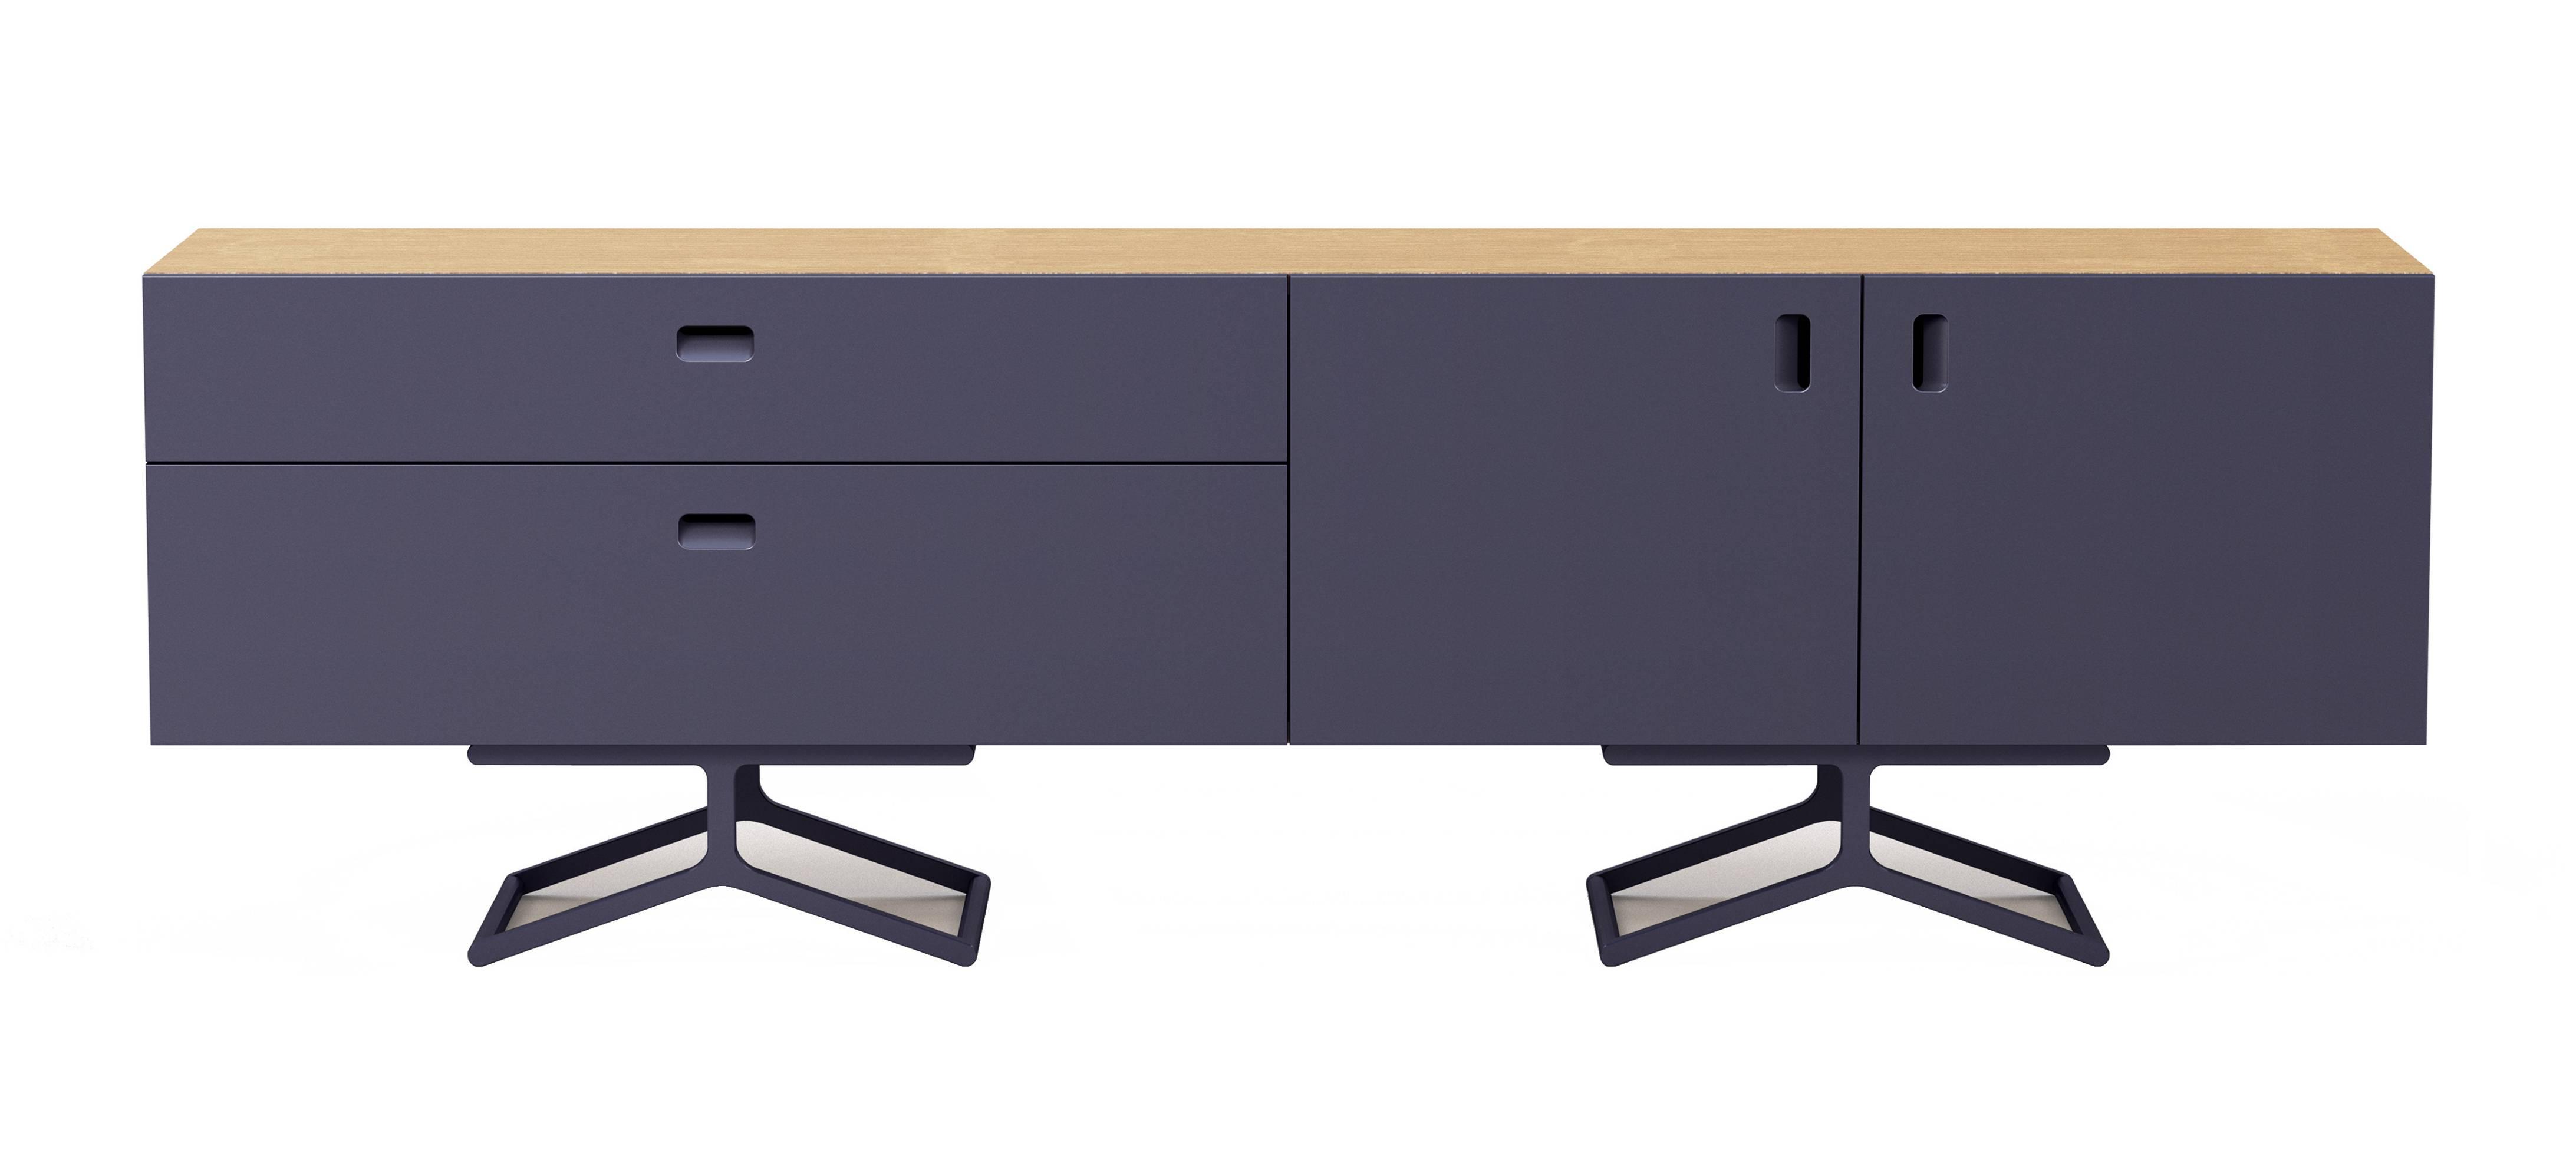 Quodes Satellite Sideboard mit Aluminium Gestell Design by Edward Barber und Jay Osgerby Design Möbel